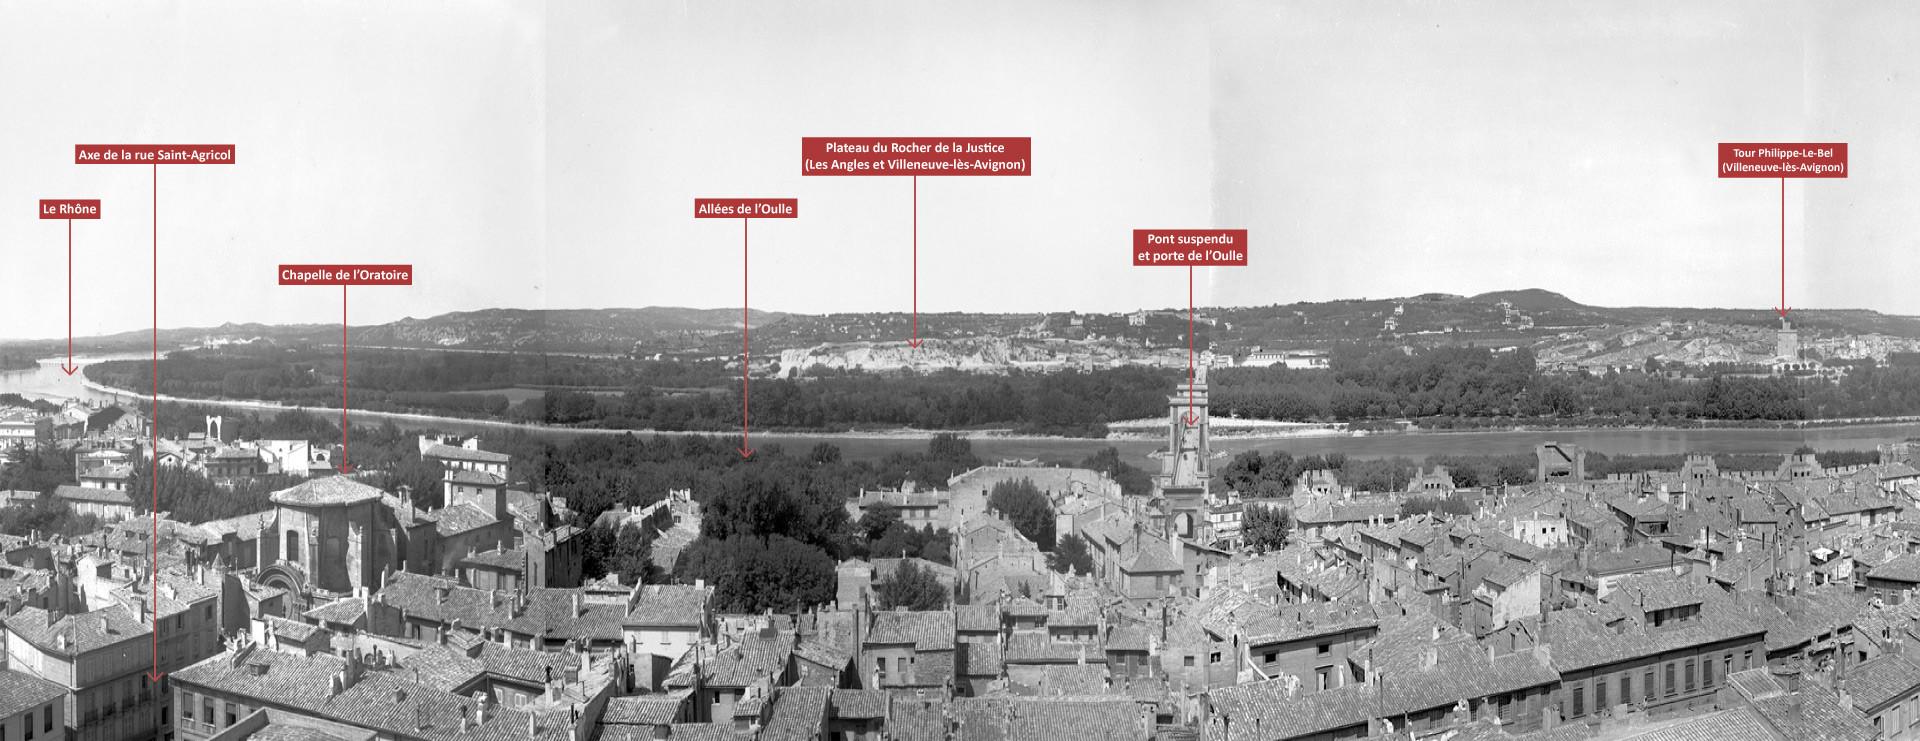 Vue panoramique d'Avignon depuis le beffroi de l'hôtel de ville 3/4